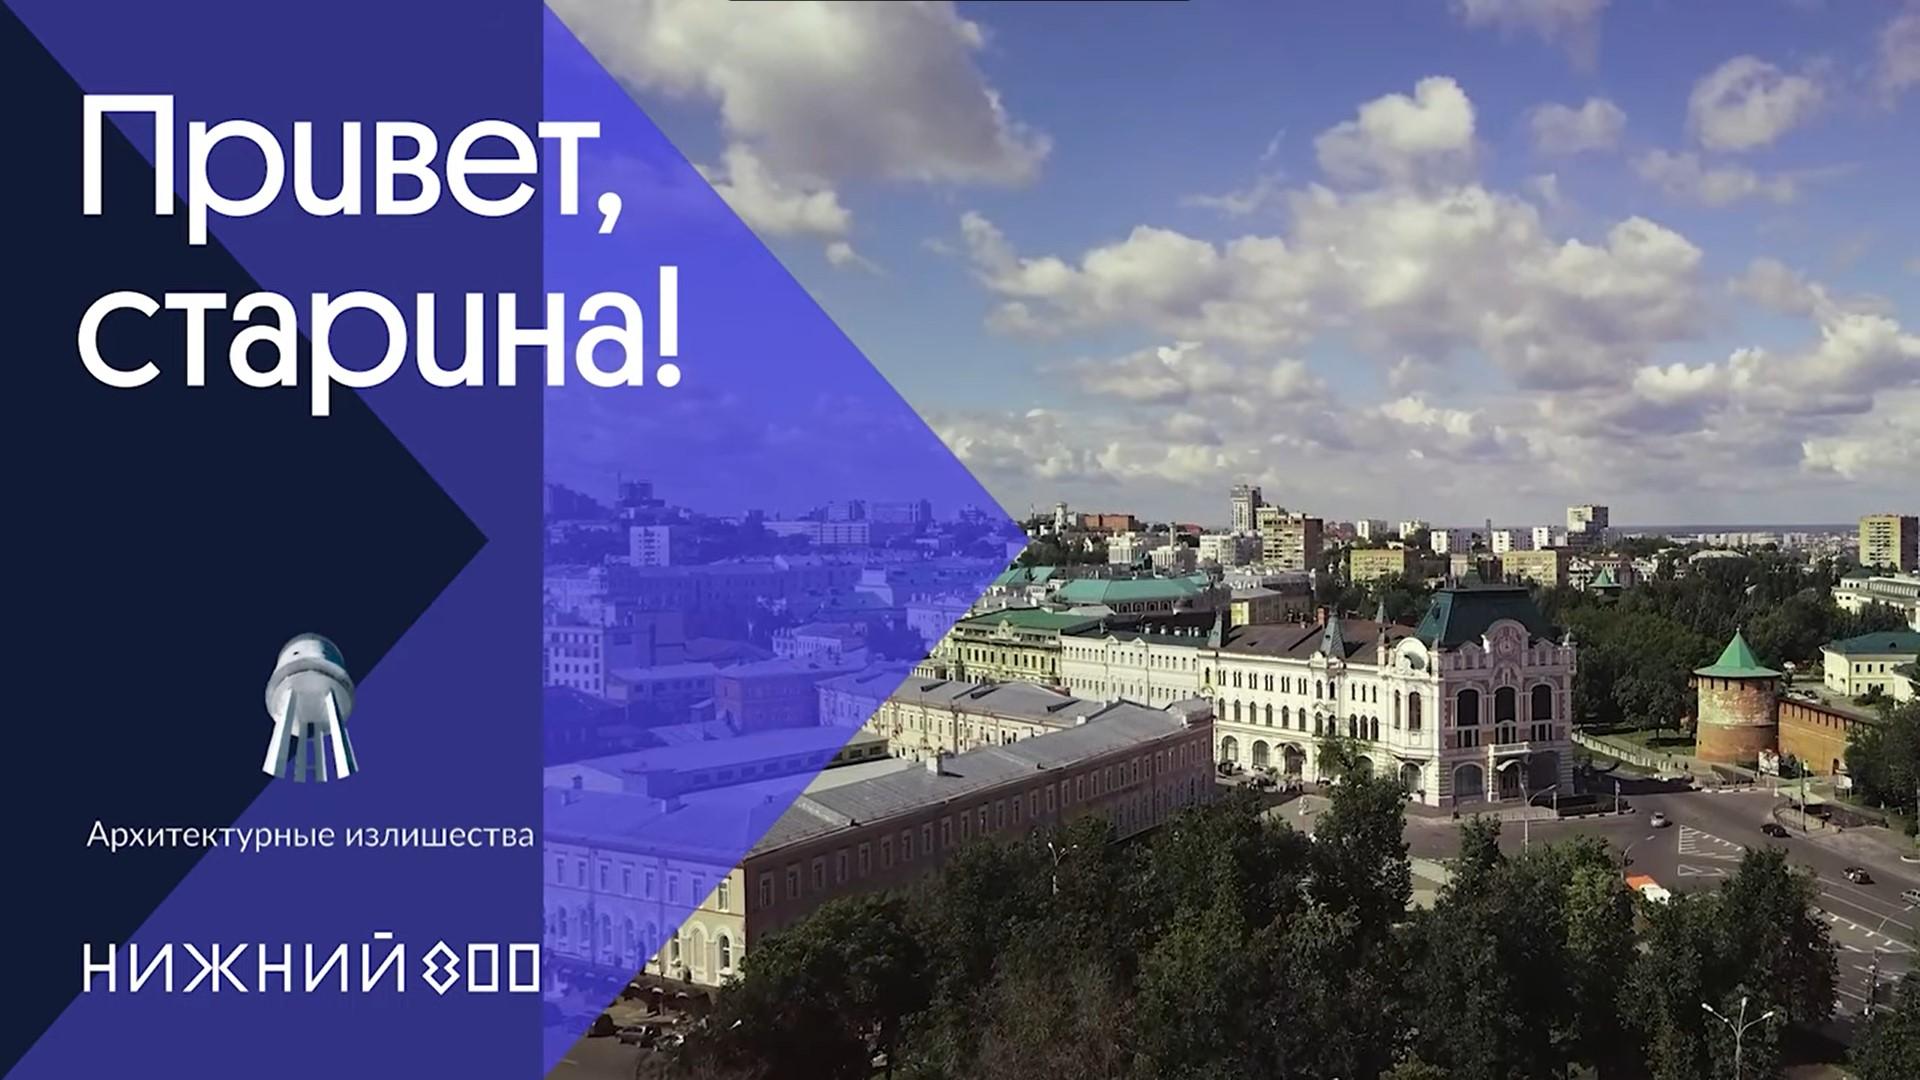 Вышел второй выпуск проекта «Привет, старина», посвященный историческим зданиям Нижнего Новгорода